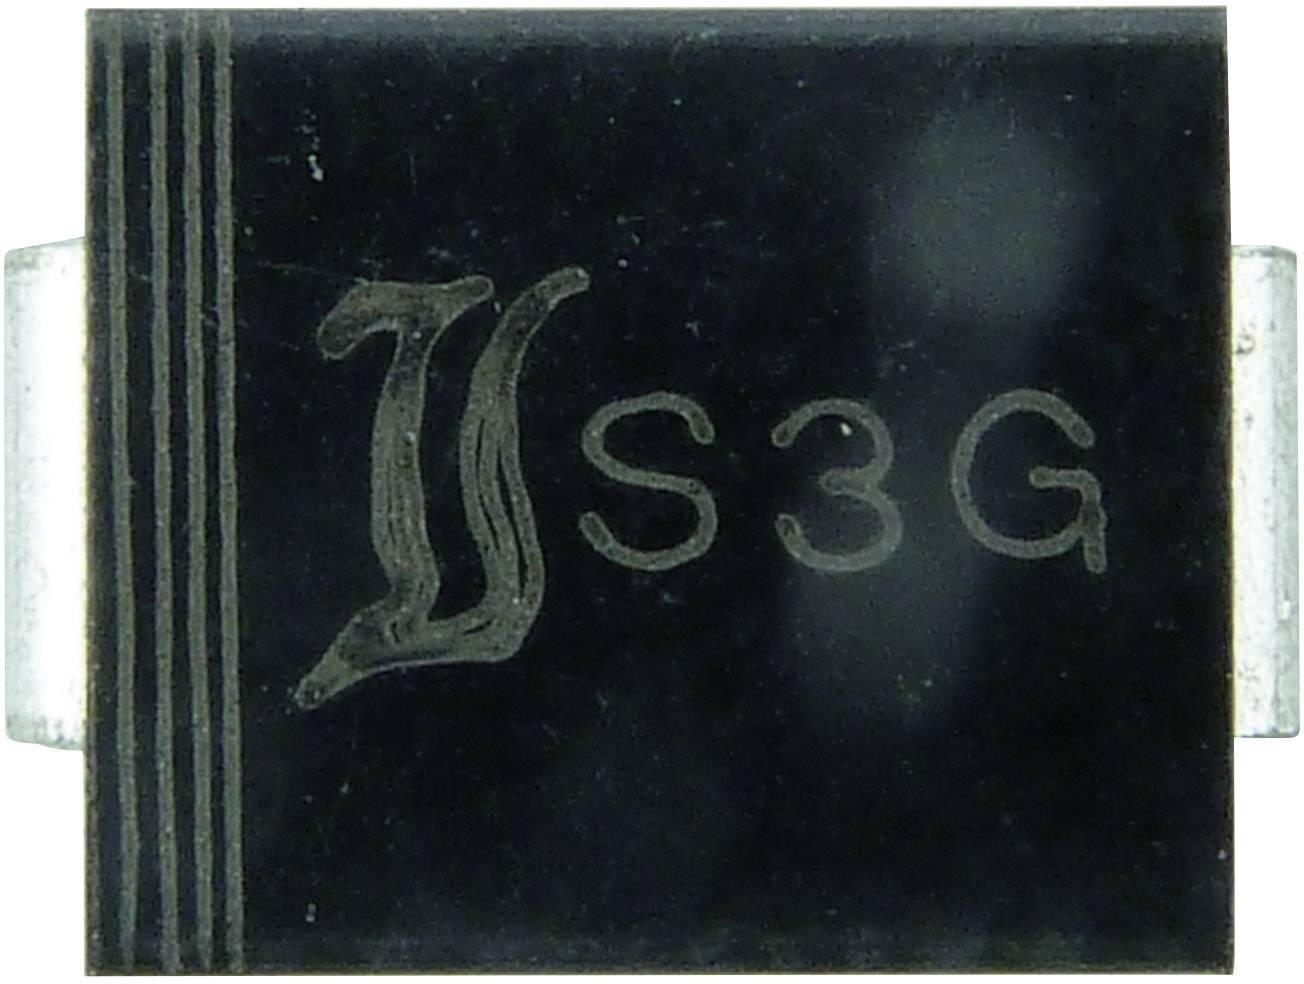 Zenerova dioda Diotec Z3SMC12, U(zen) 12 V